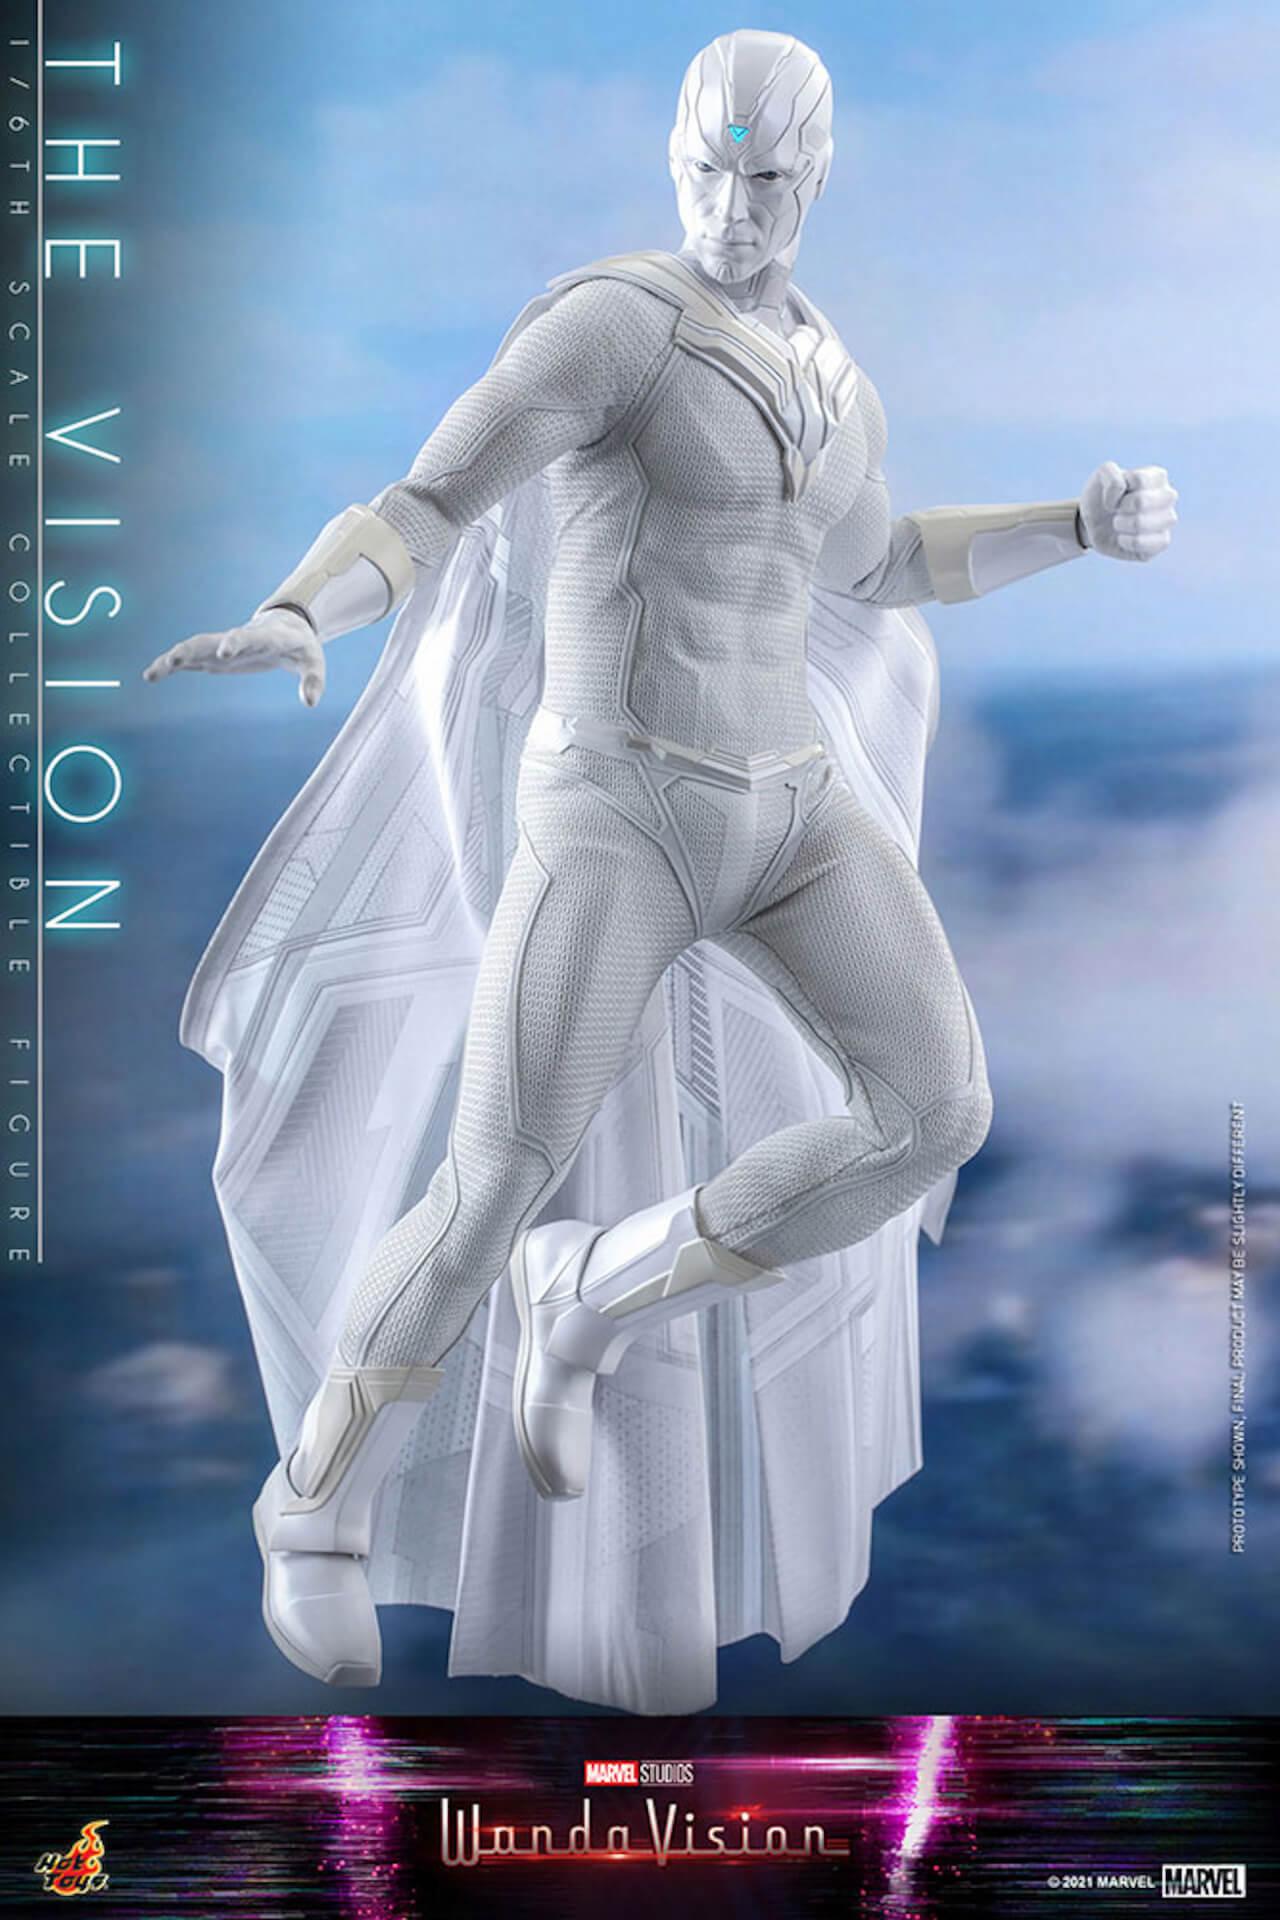 マーベル・スタジオ『ワンダヴィジョン』のザ・ヴィジョンが超リアルなフィギュアになって登場!ホットトイズから発売決定 art210706_thevision_hottoys_4